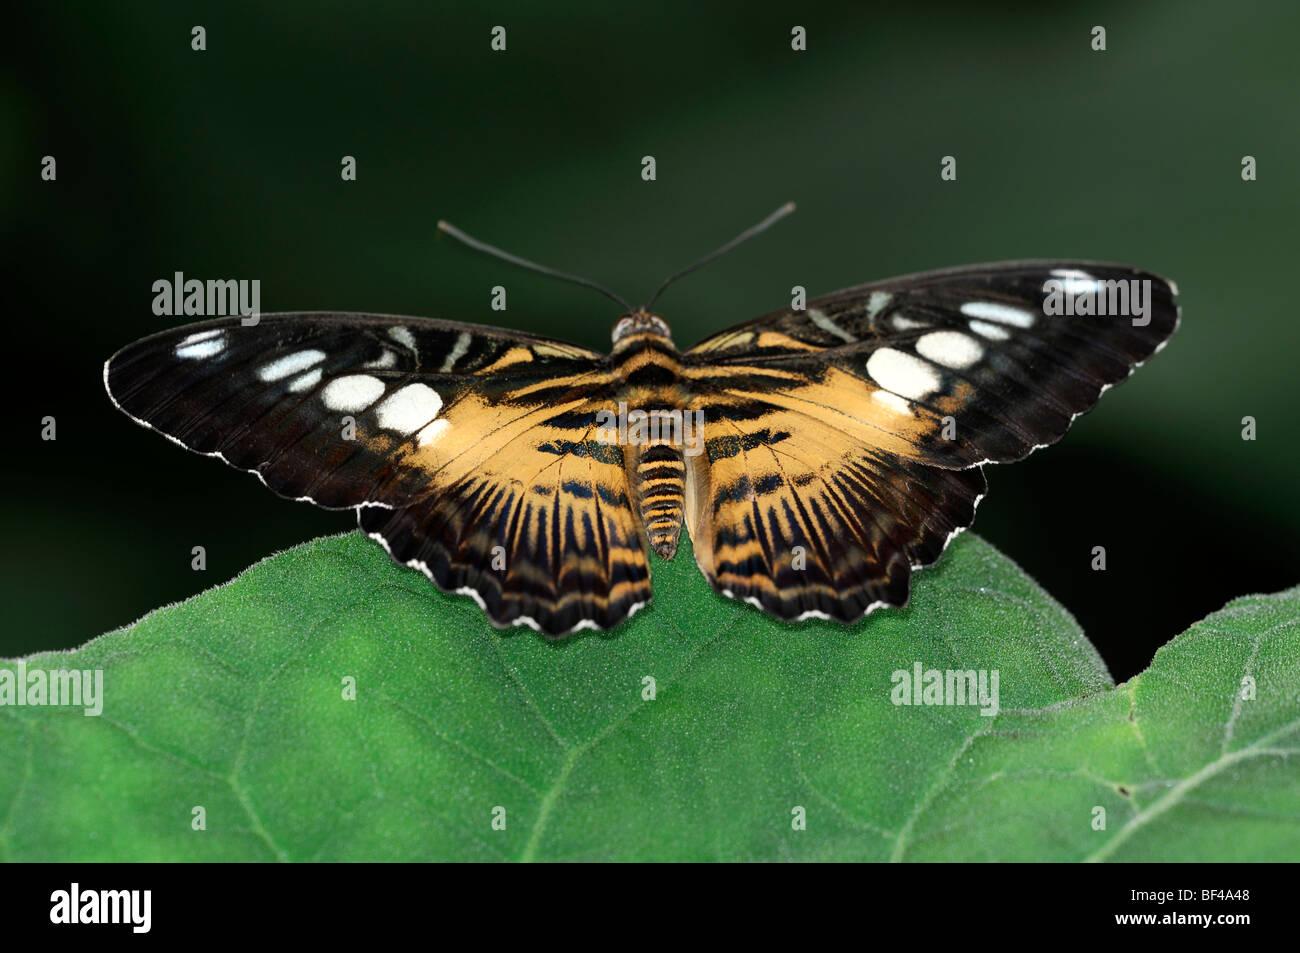 Parthenos sylvia o clipper di farfalle tropicali a riposo su una foglia verde marrone arancione Immagini Stock